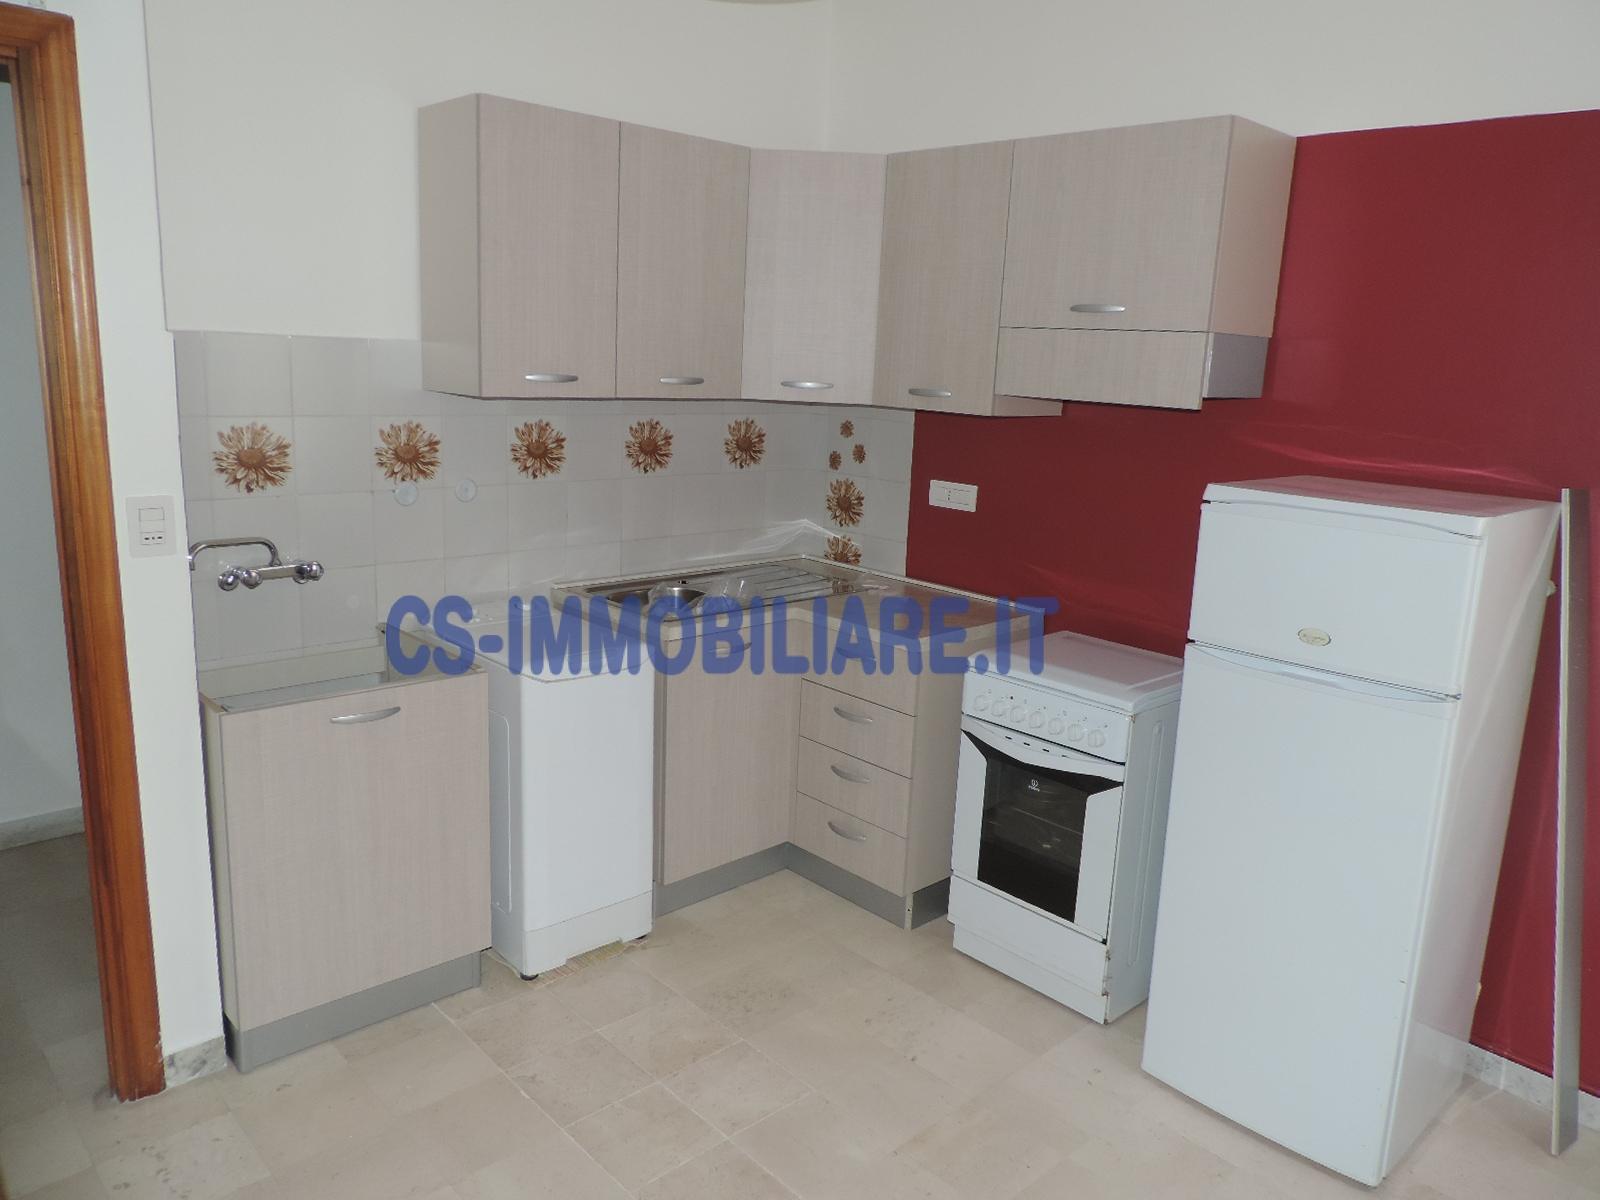 Appartamento in affitto a Potenza, 2 locali, prezzo € 280 | Cambio Casa.it